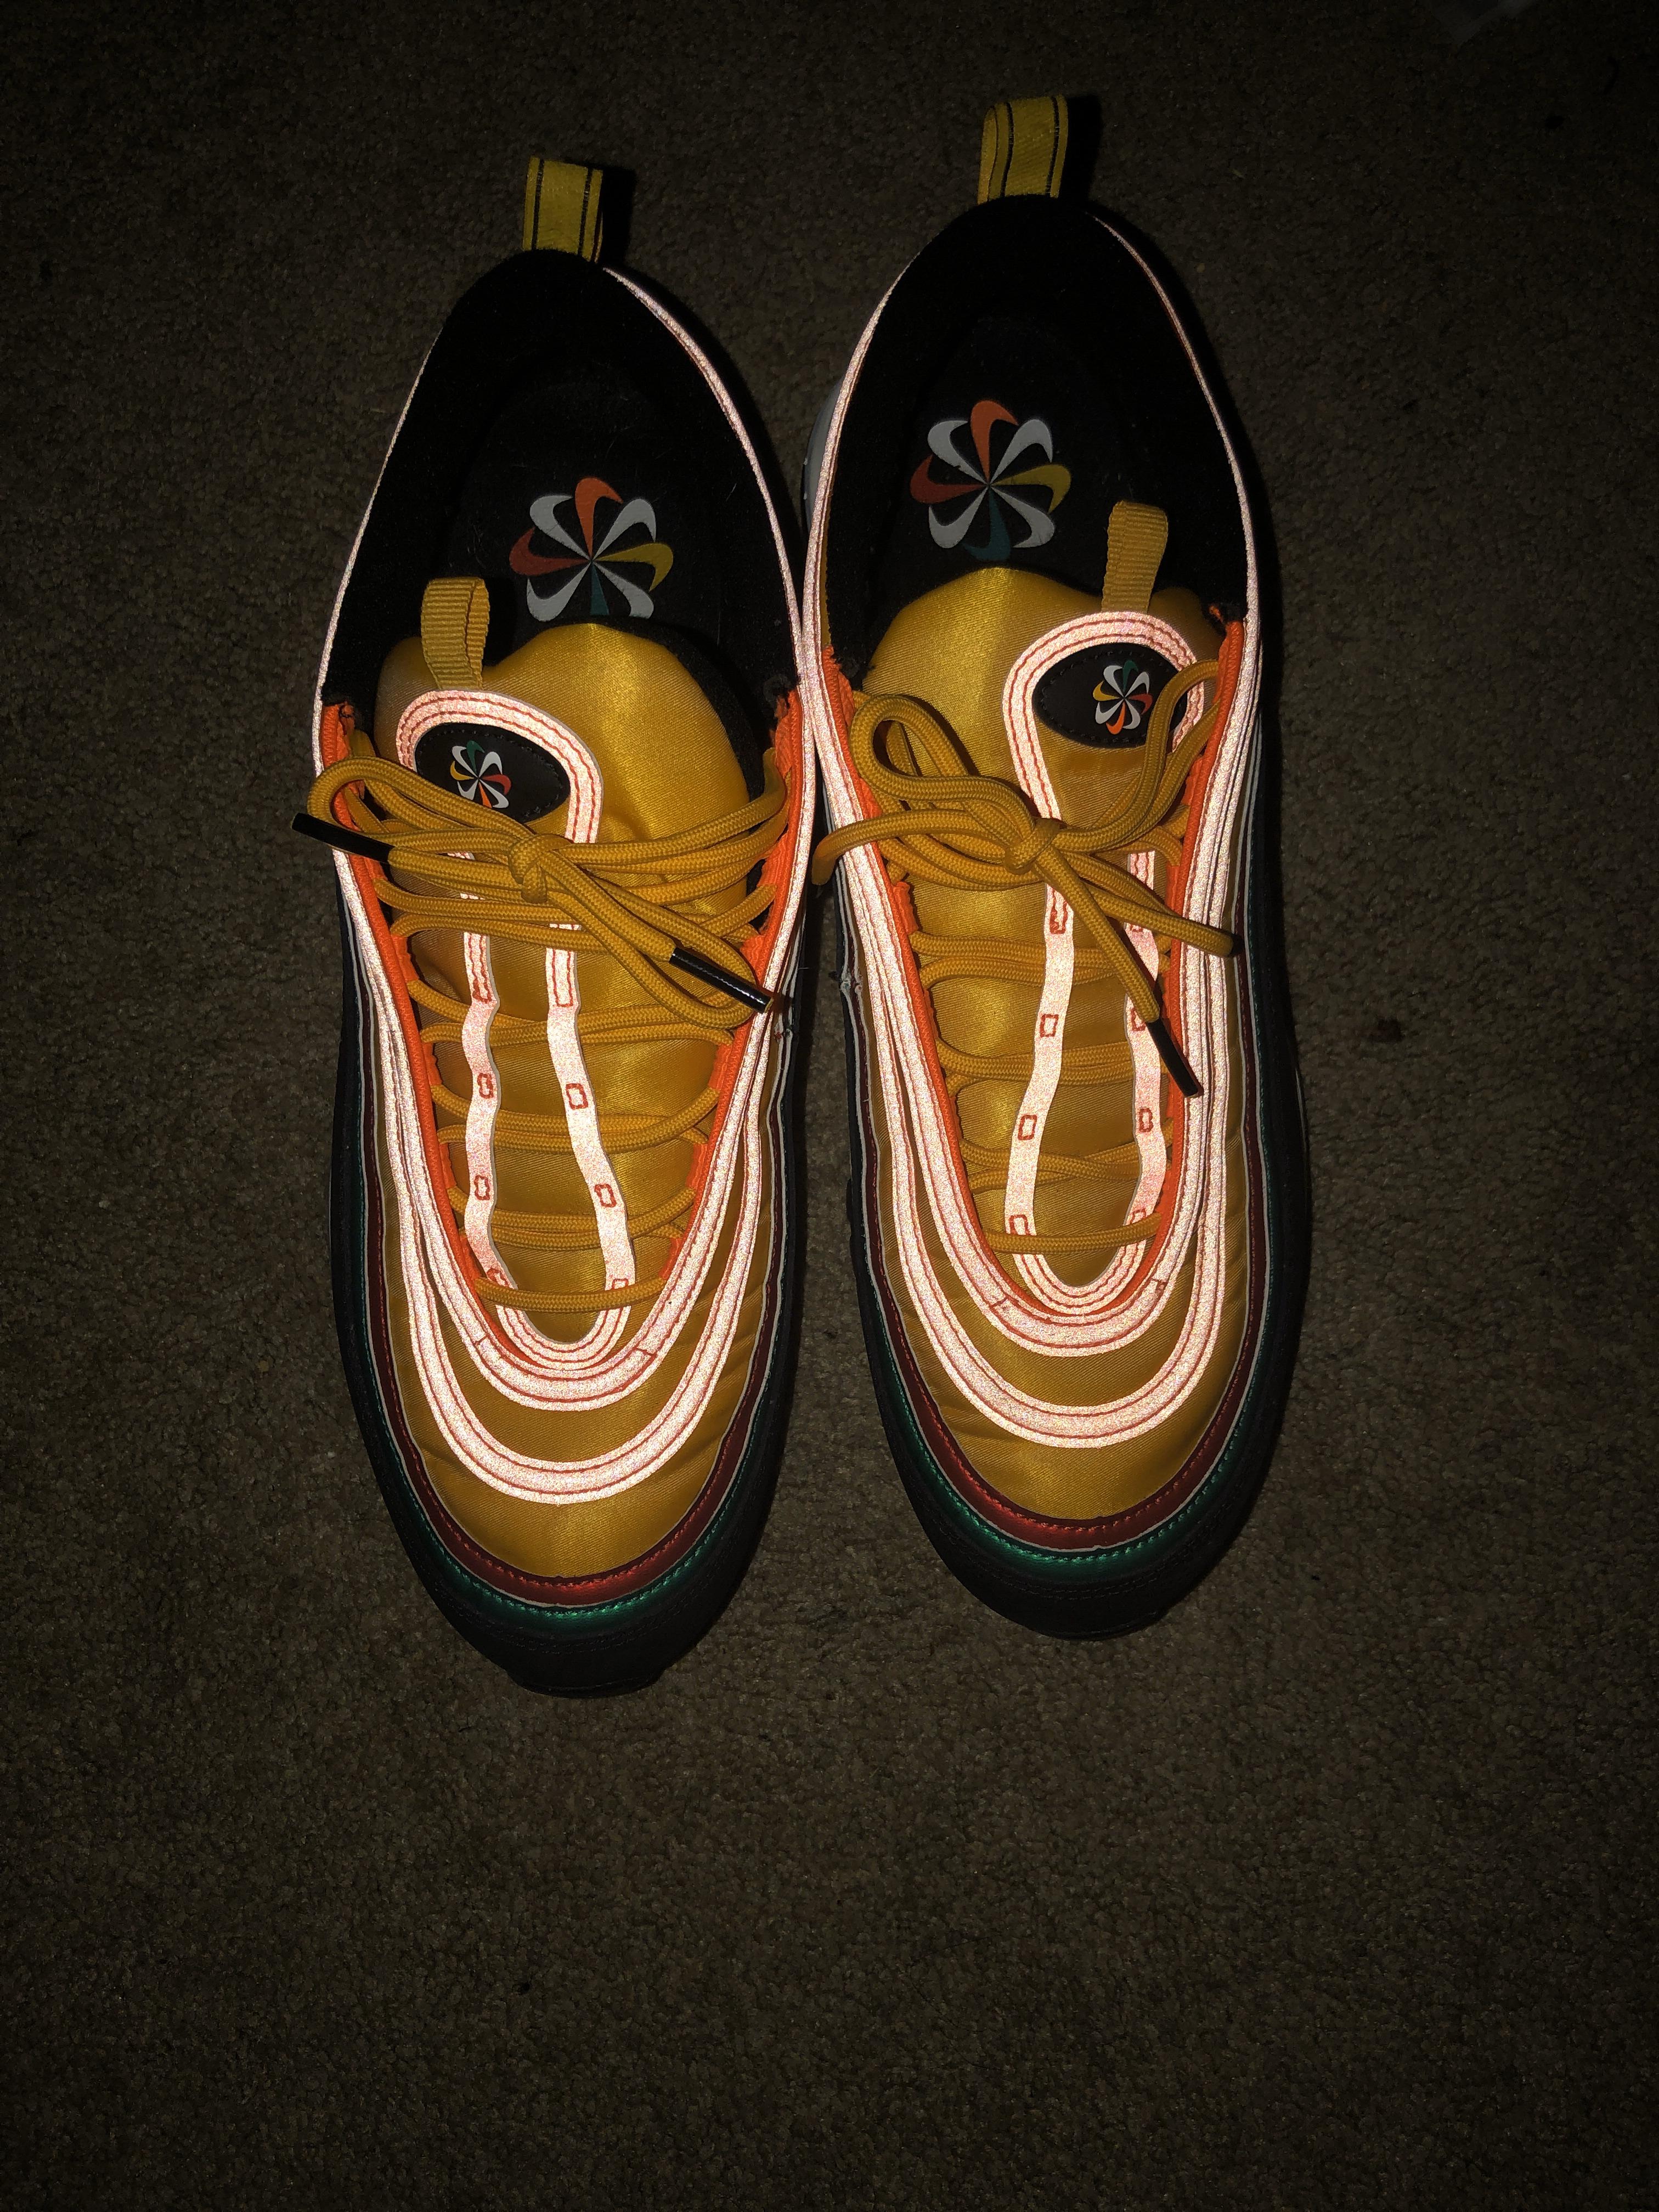 Nike - $250 - Size 12